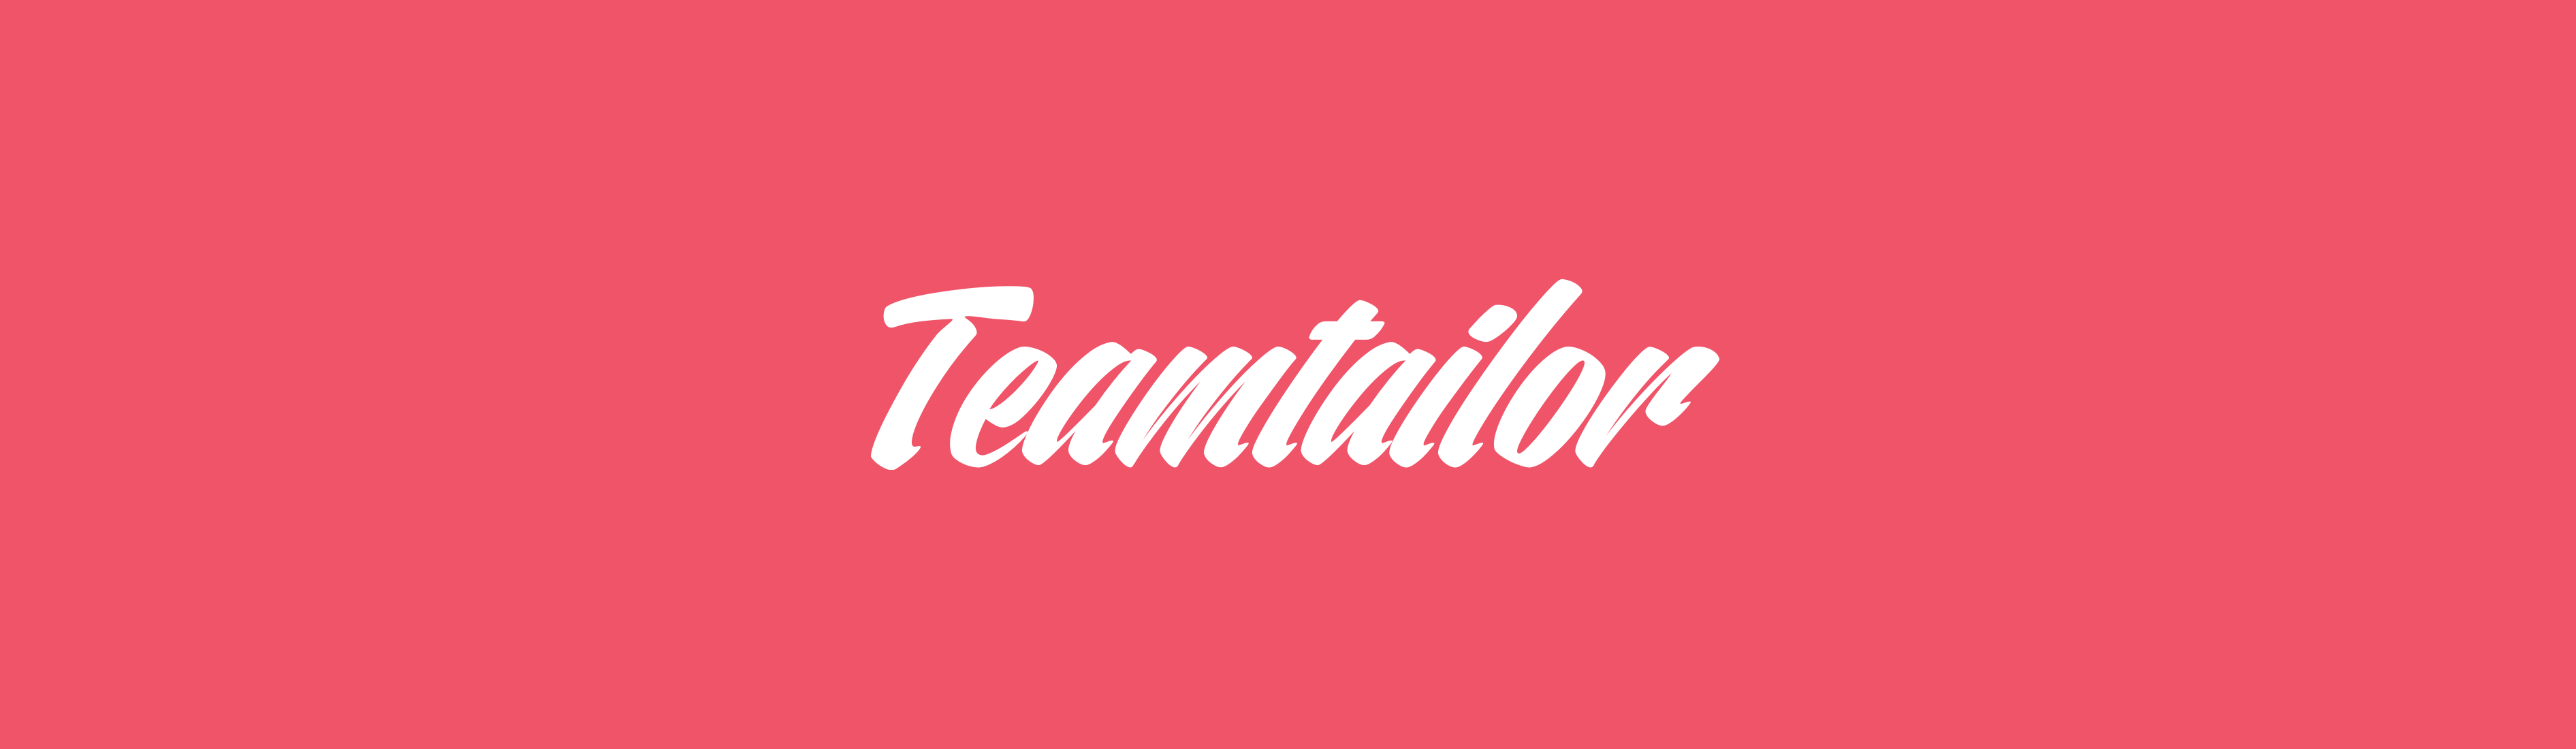 teamtailor-header1.png